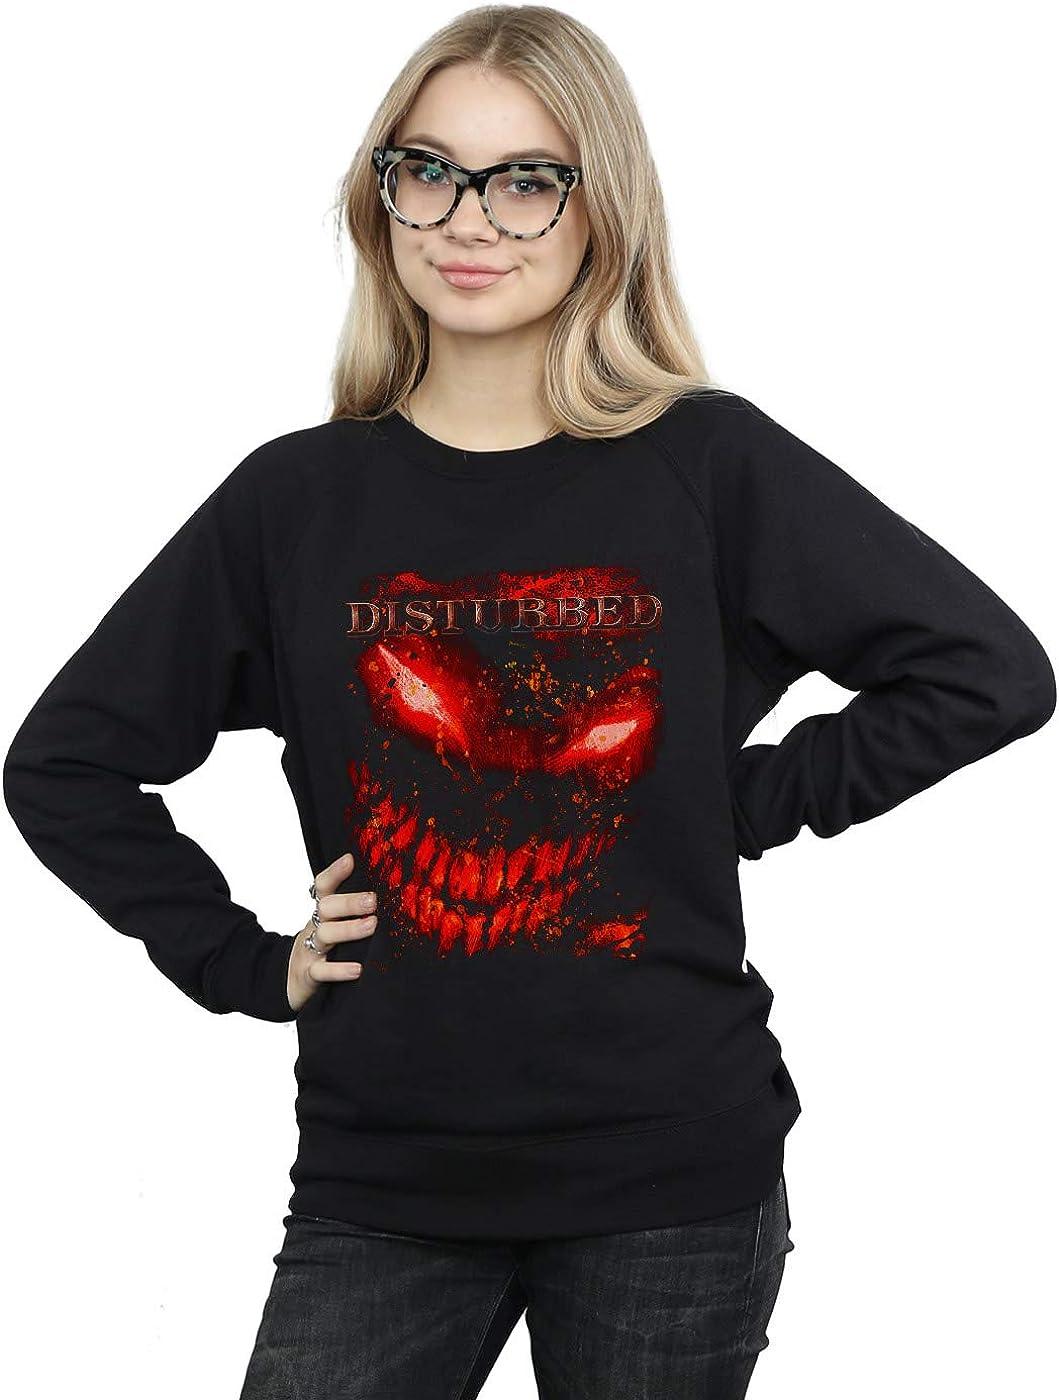 ABSOLUTECULT Disturbed Girls Stacked Evolution Sweatshirt